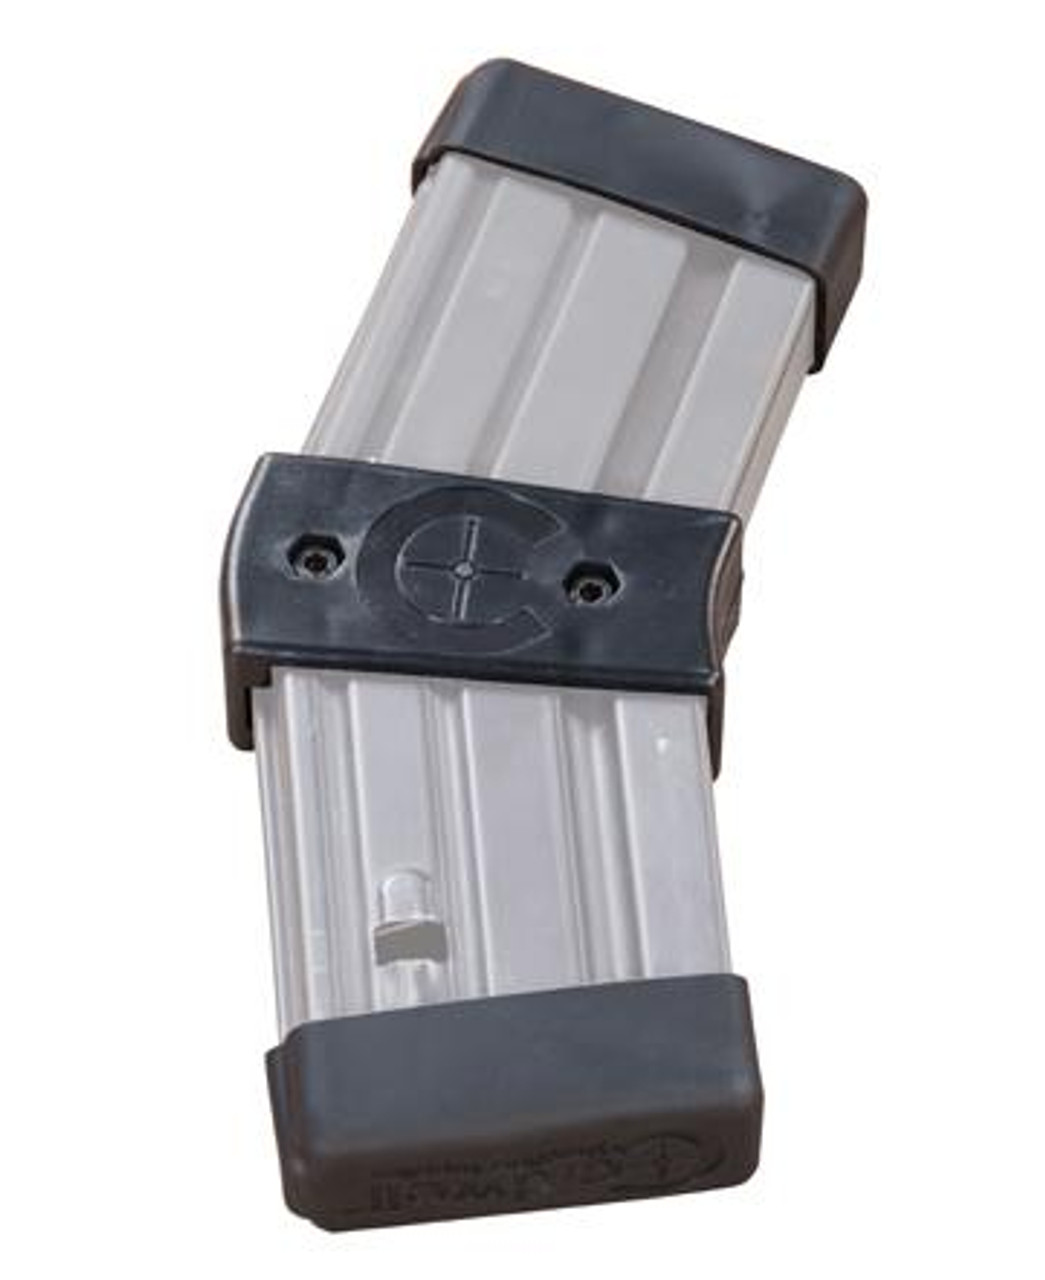 Caldwell AR-15 Mag Coupler 2pk